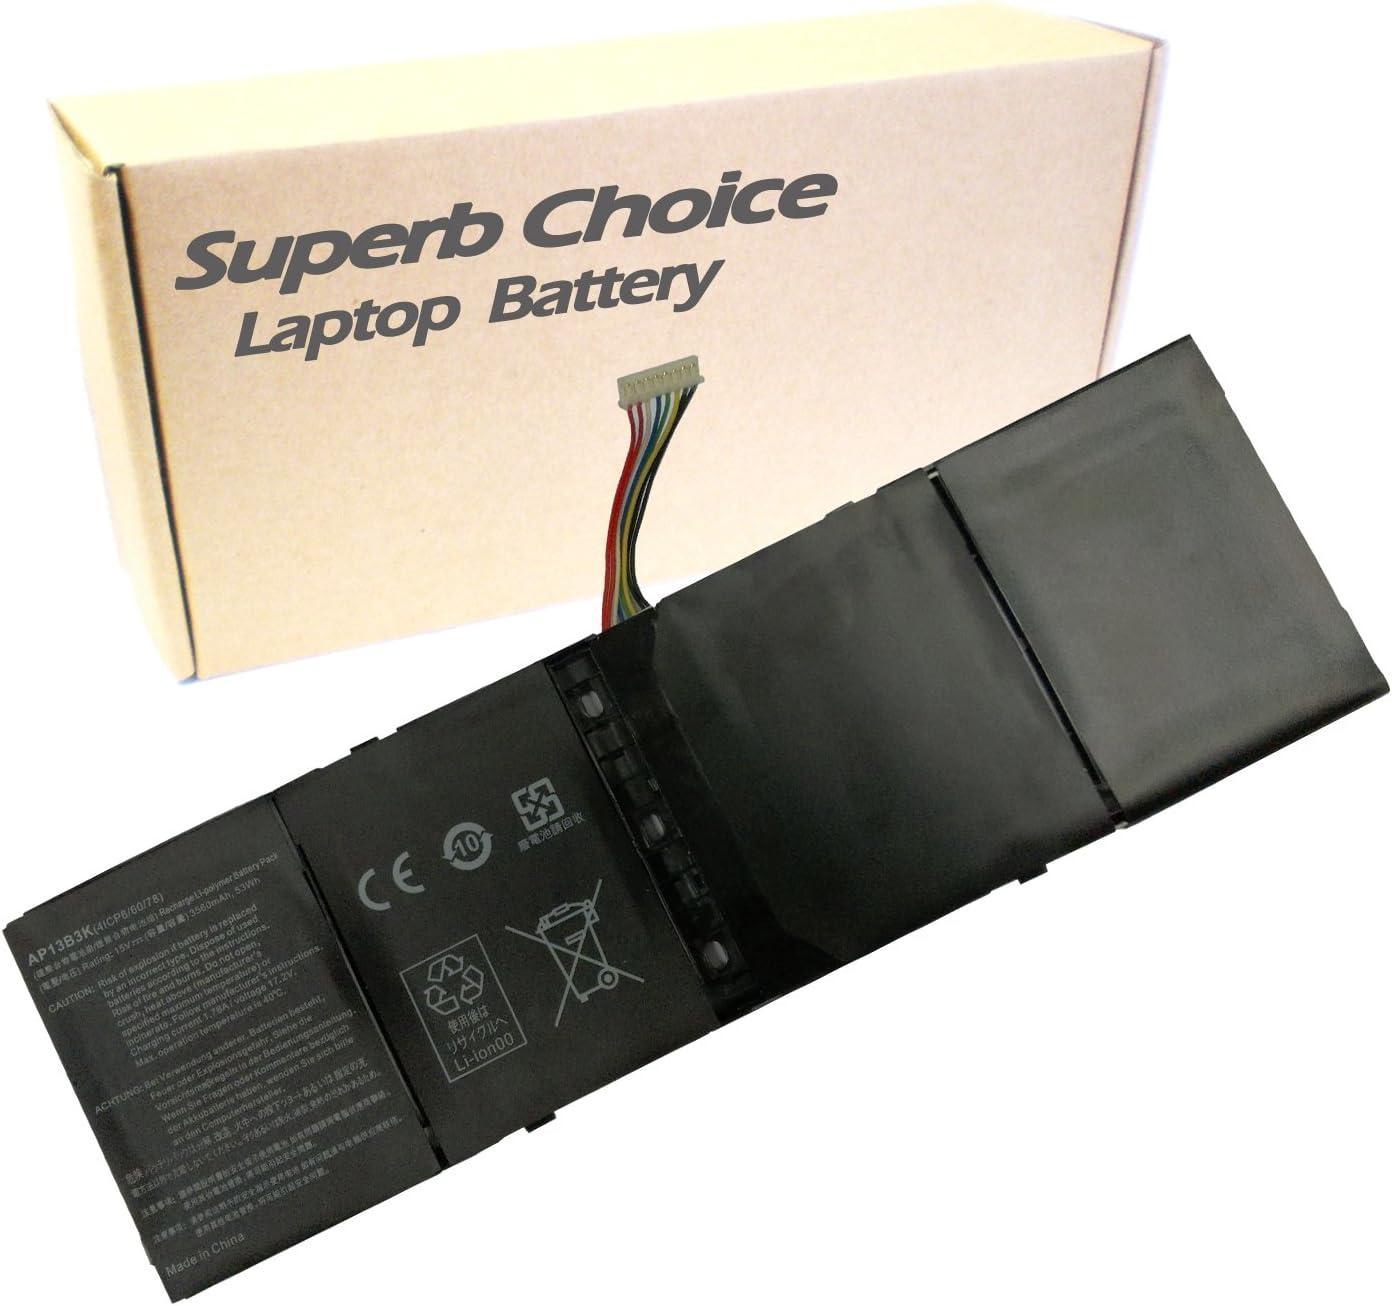 Superb Choice Battery Compatible with ACER Aspire ES1-511 ES1-512-C1PW M5-583P-9688 R3-471TG